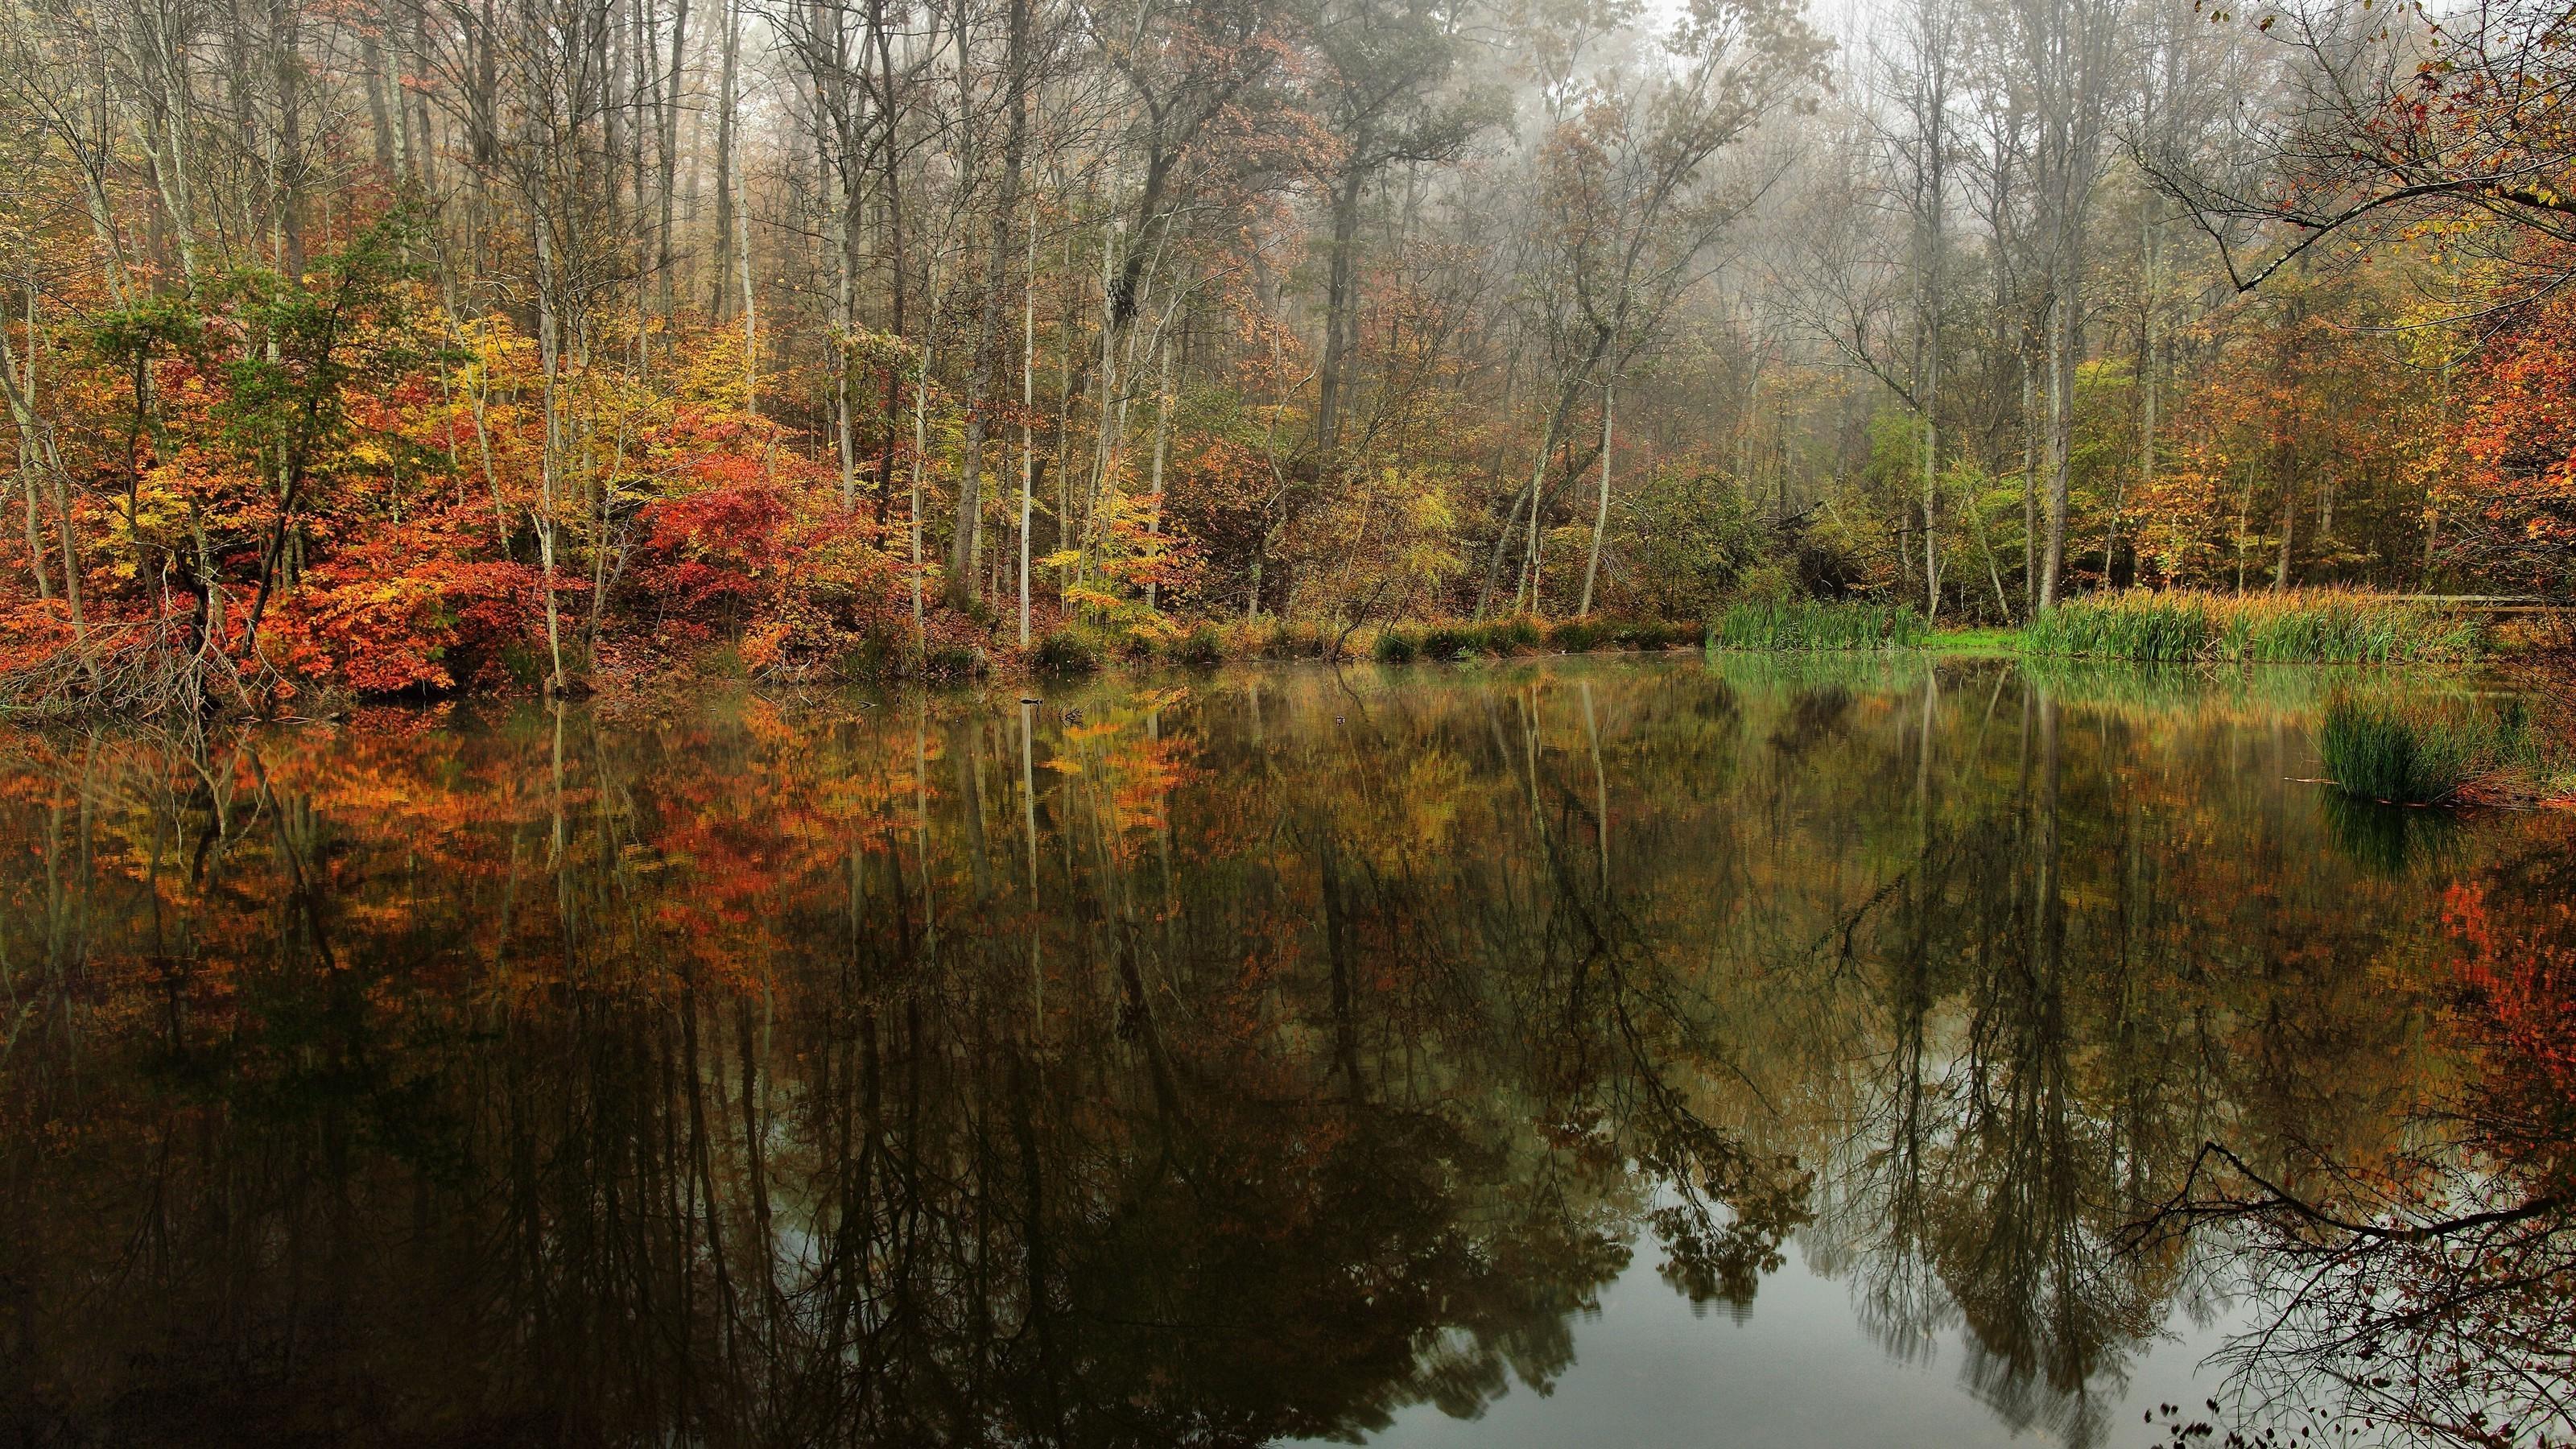 обои на рабочий стол осень природа река озеро лес № 241667 загрузить